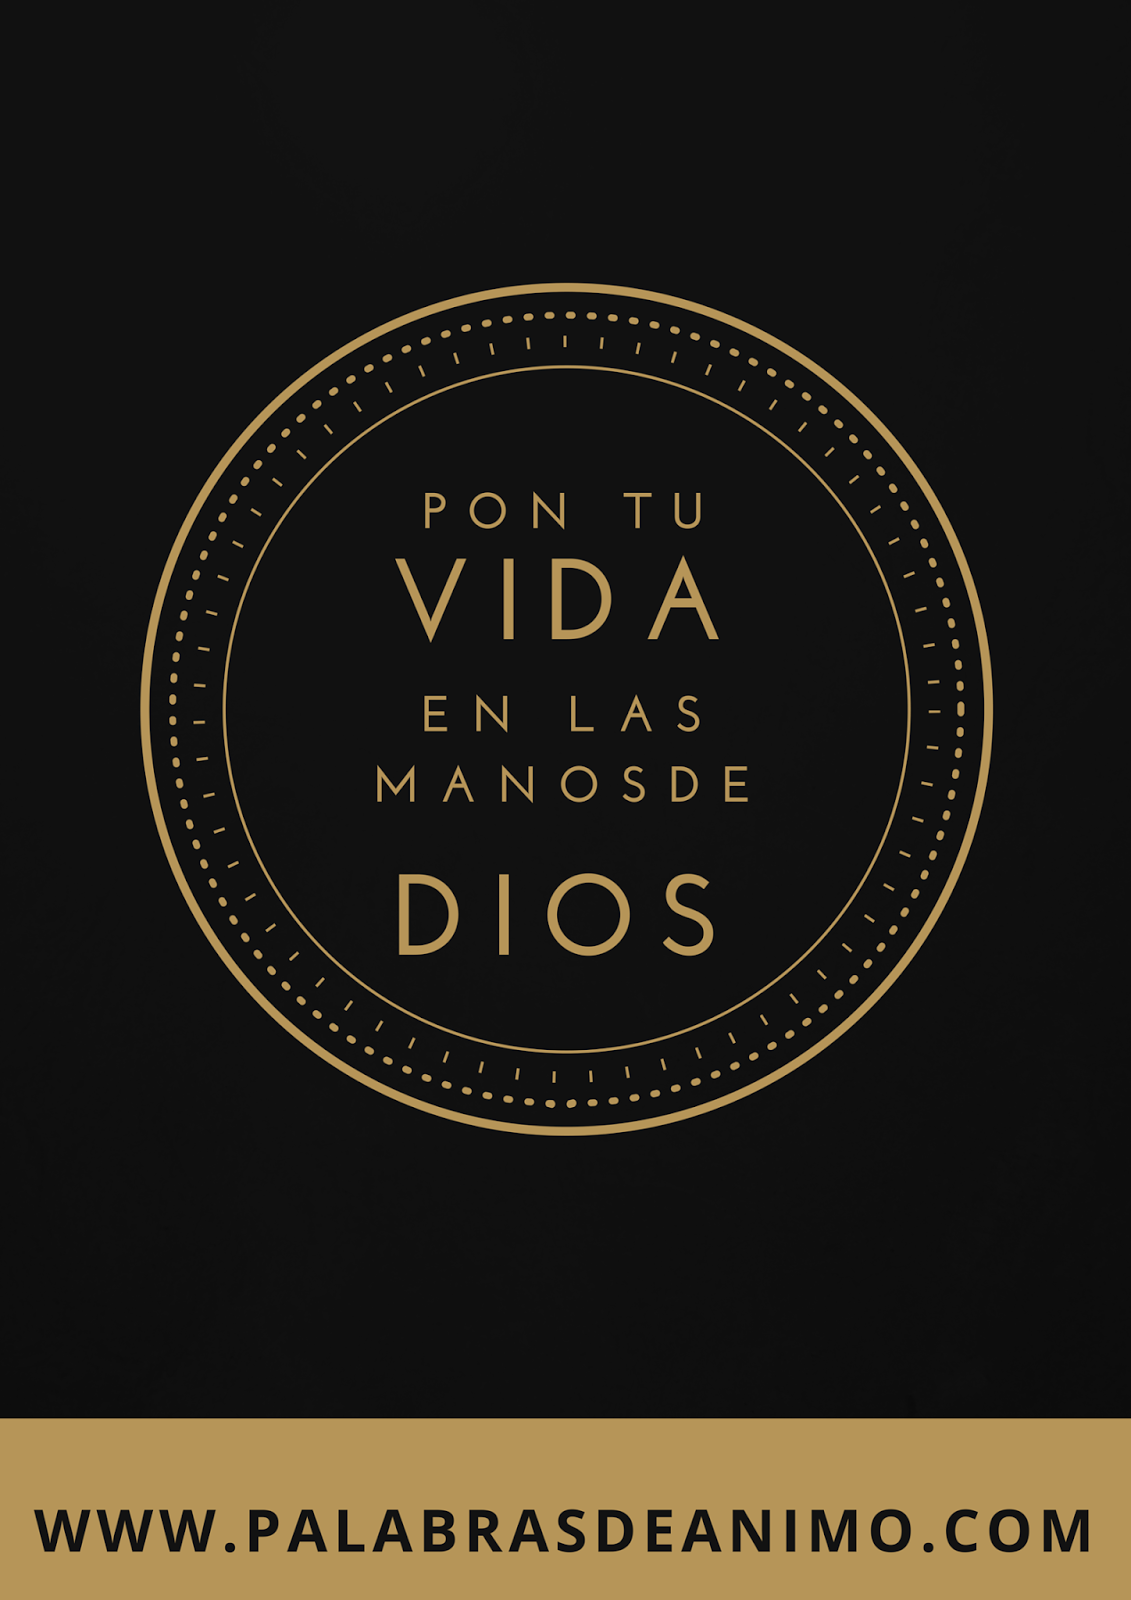 Pon tu VIDA en las manos de Dios